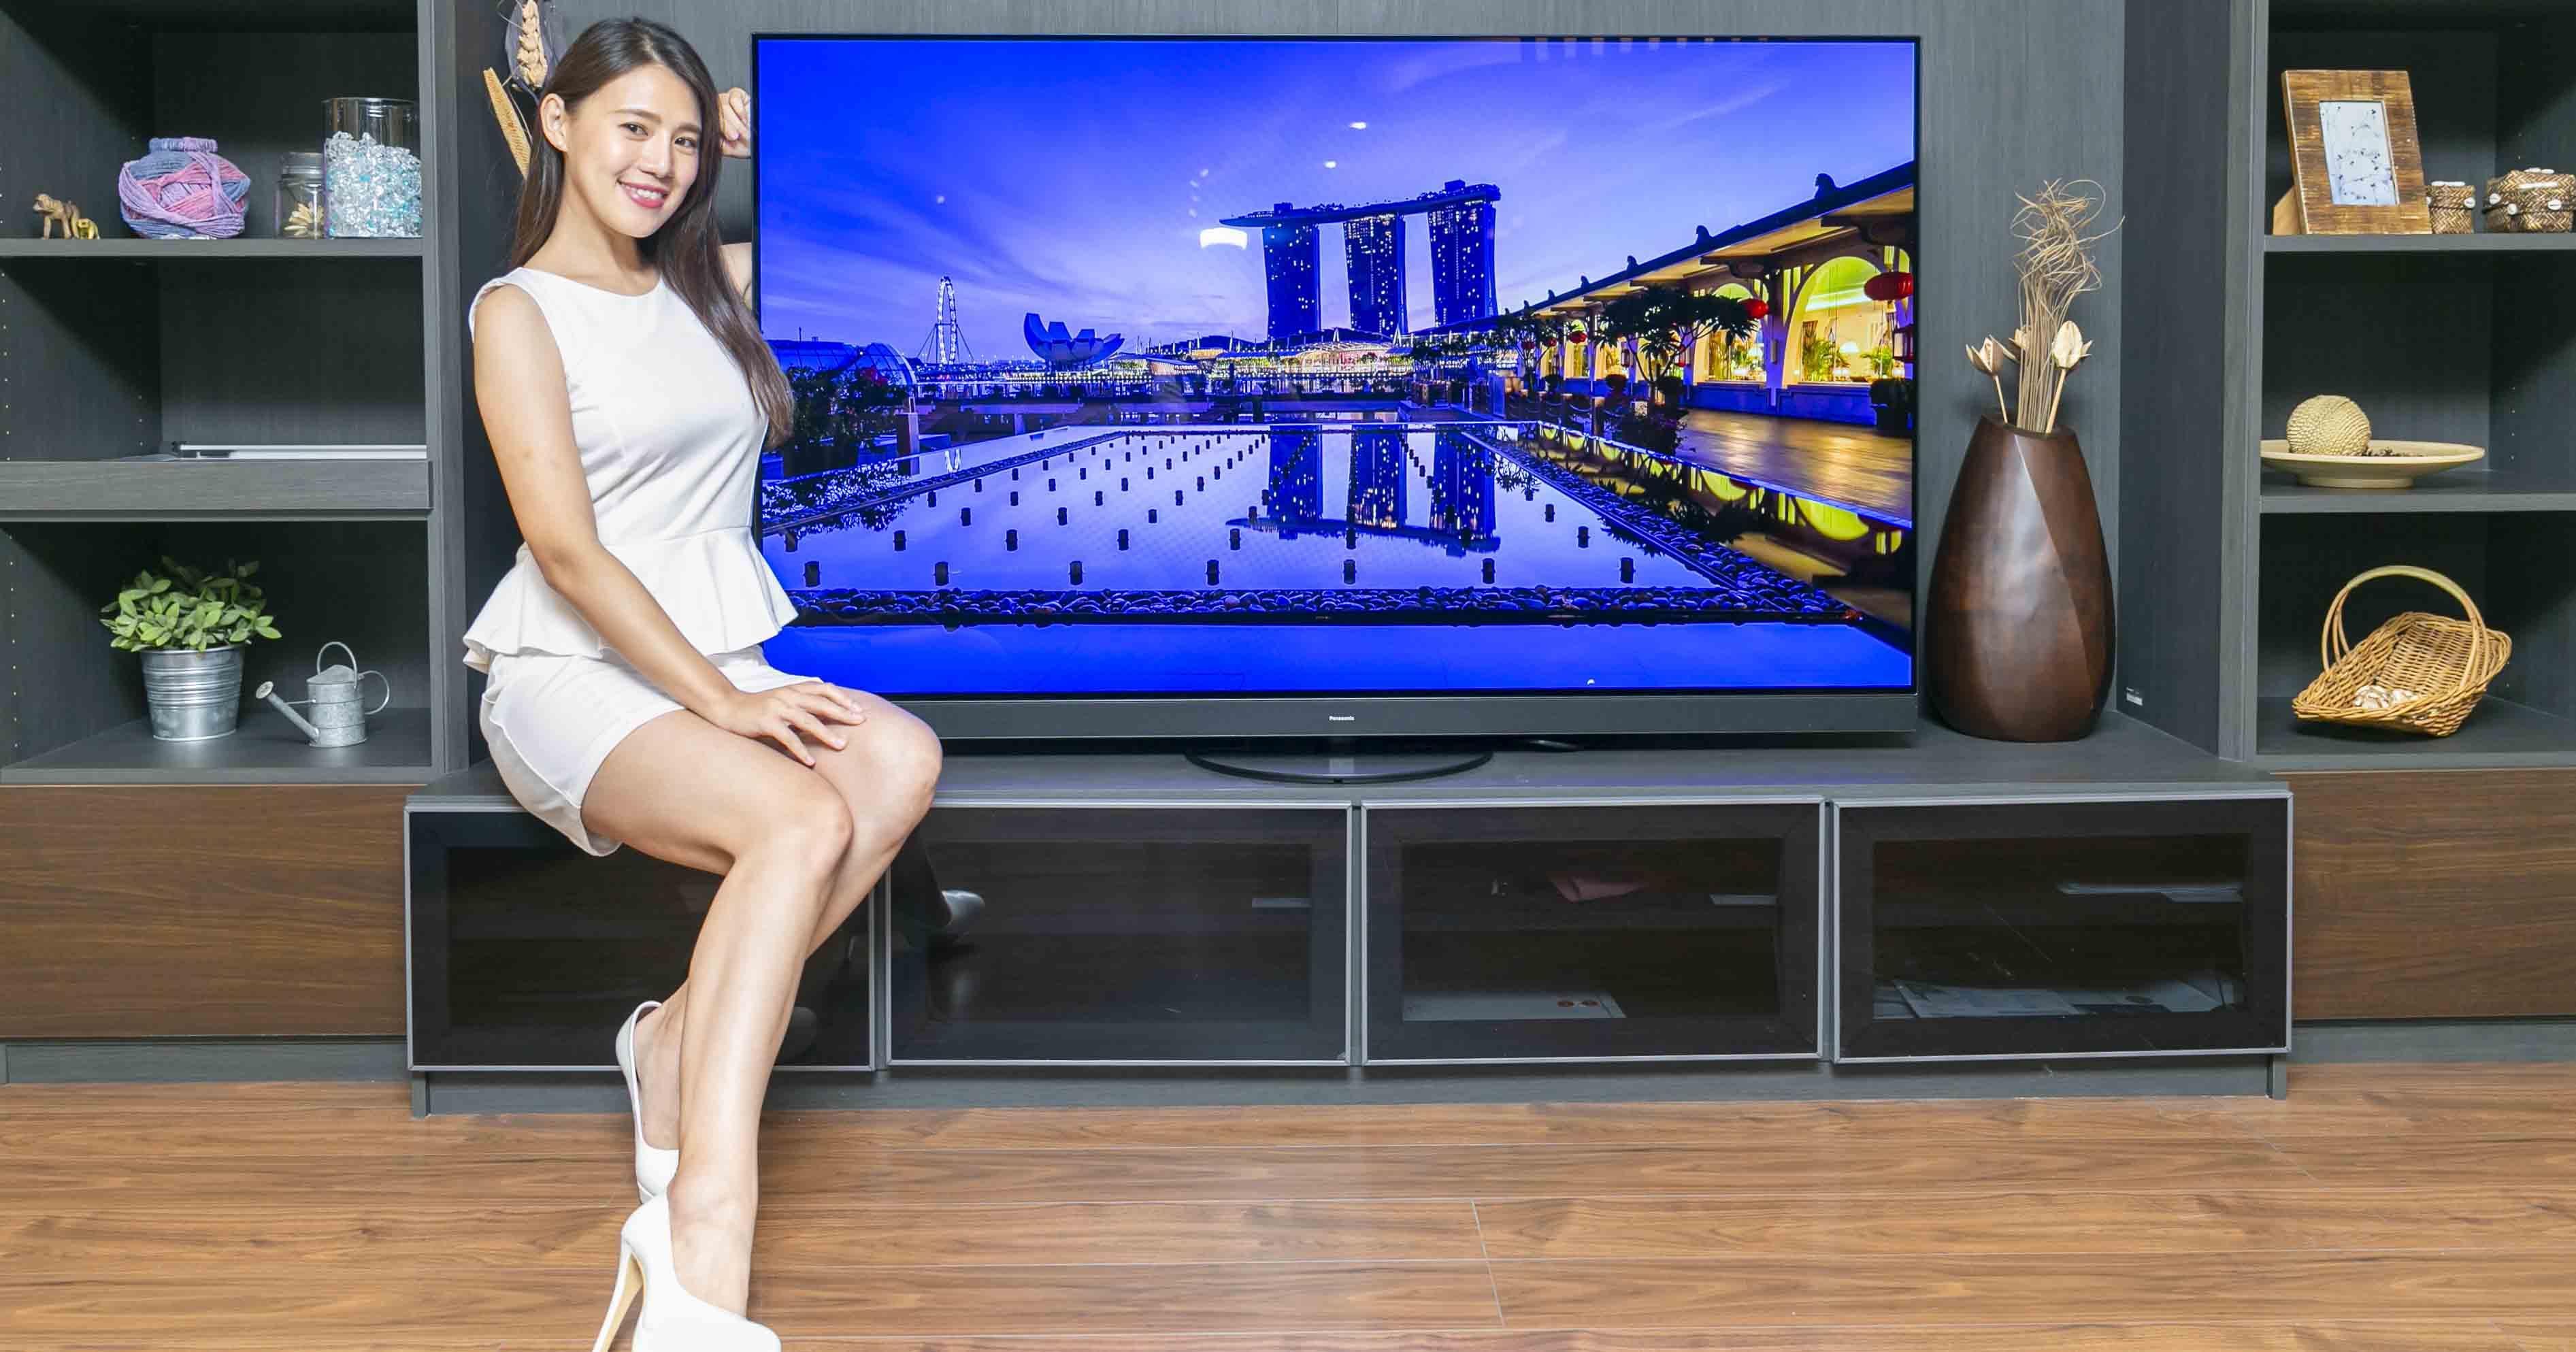 深入探訪 Panasonic 台灣視聽工廠,揭秘日系高品質背後的神秘面紗!搶先預覽 2020 新款 4K HDR 液晶電視與 OLED 電視新品特色!